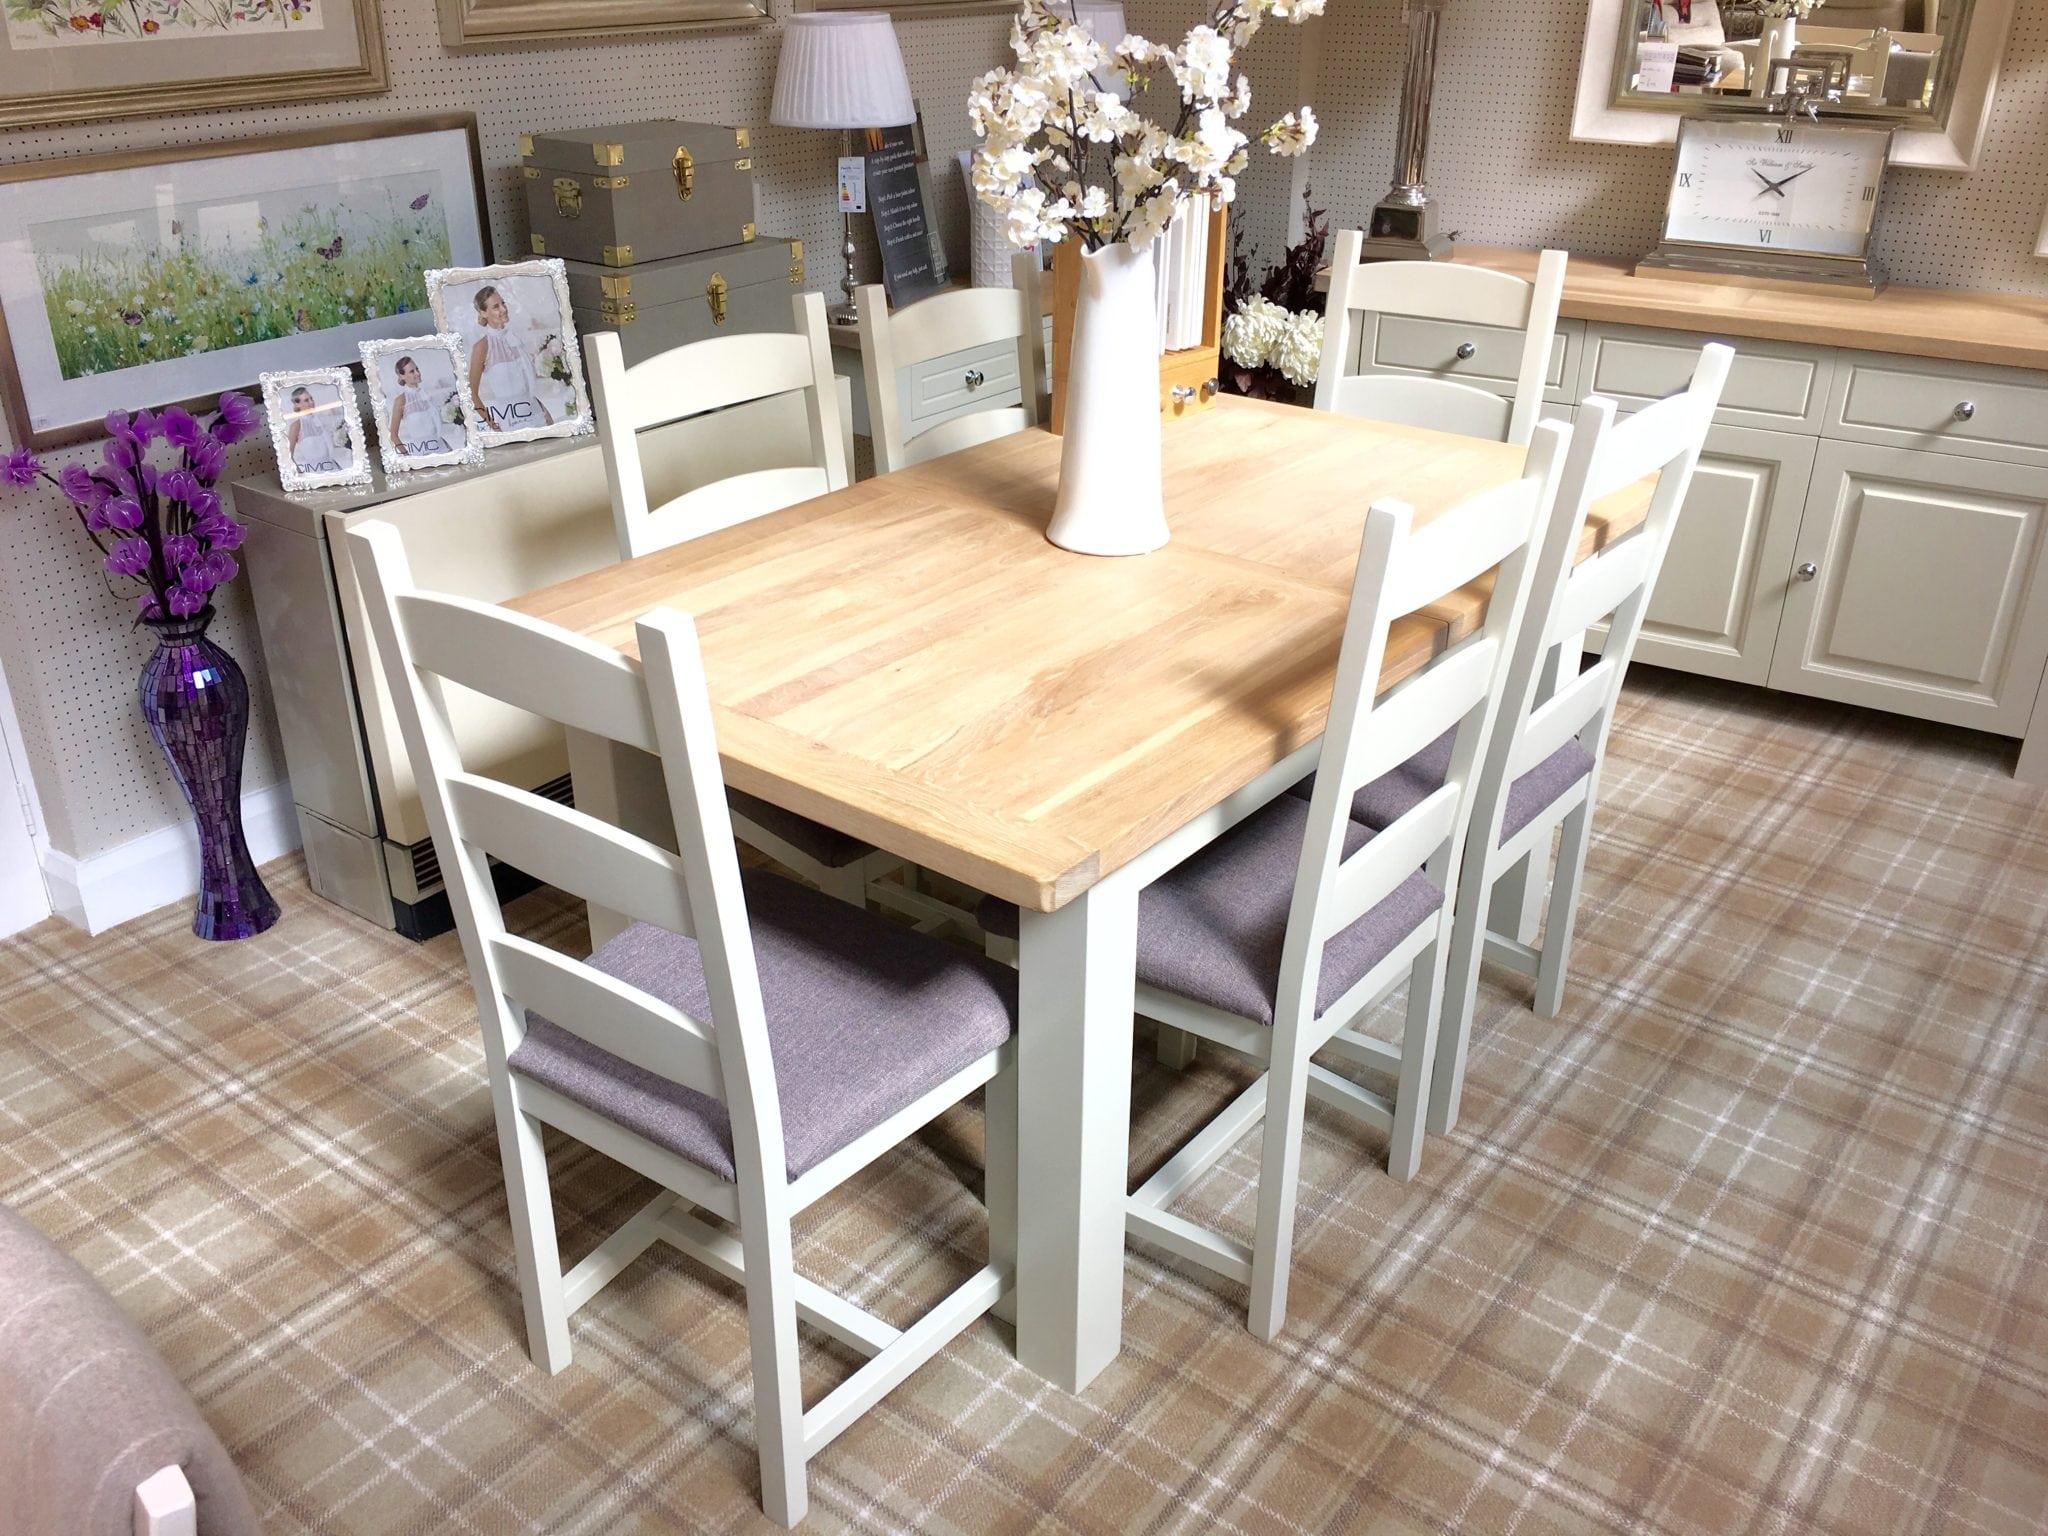 Dining room furniture brampton sets